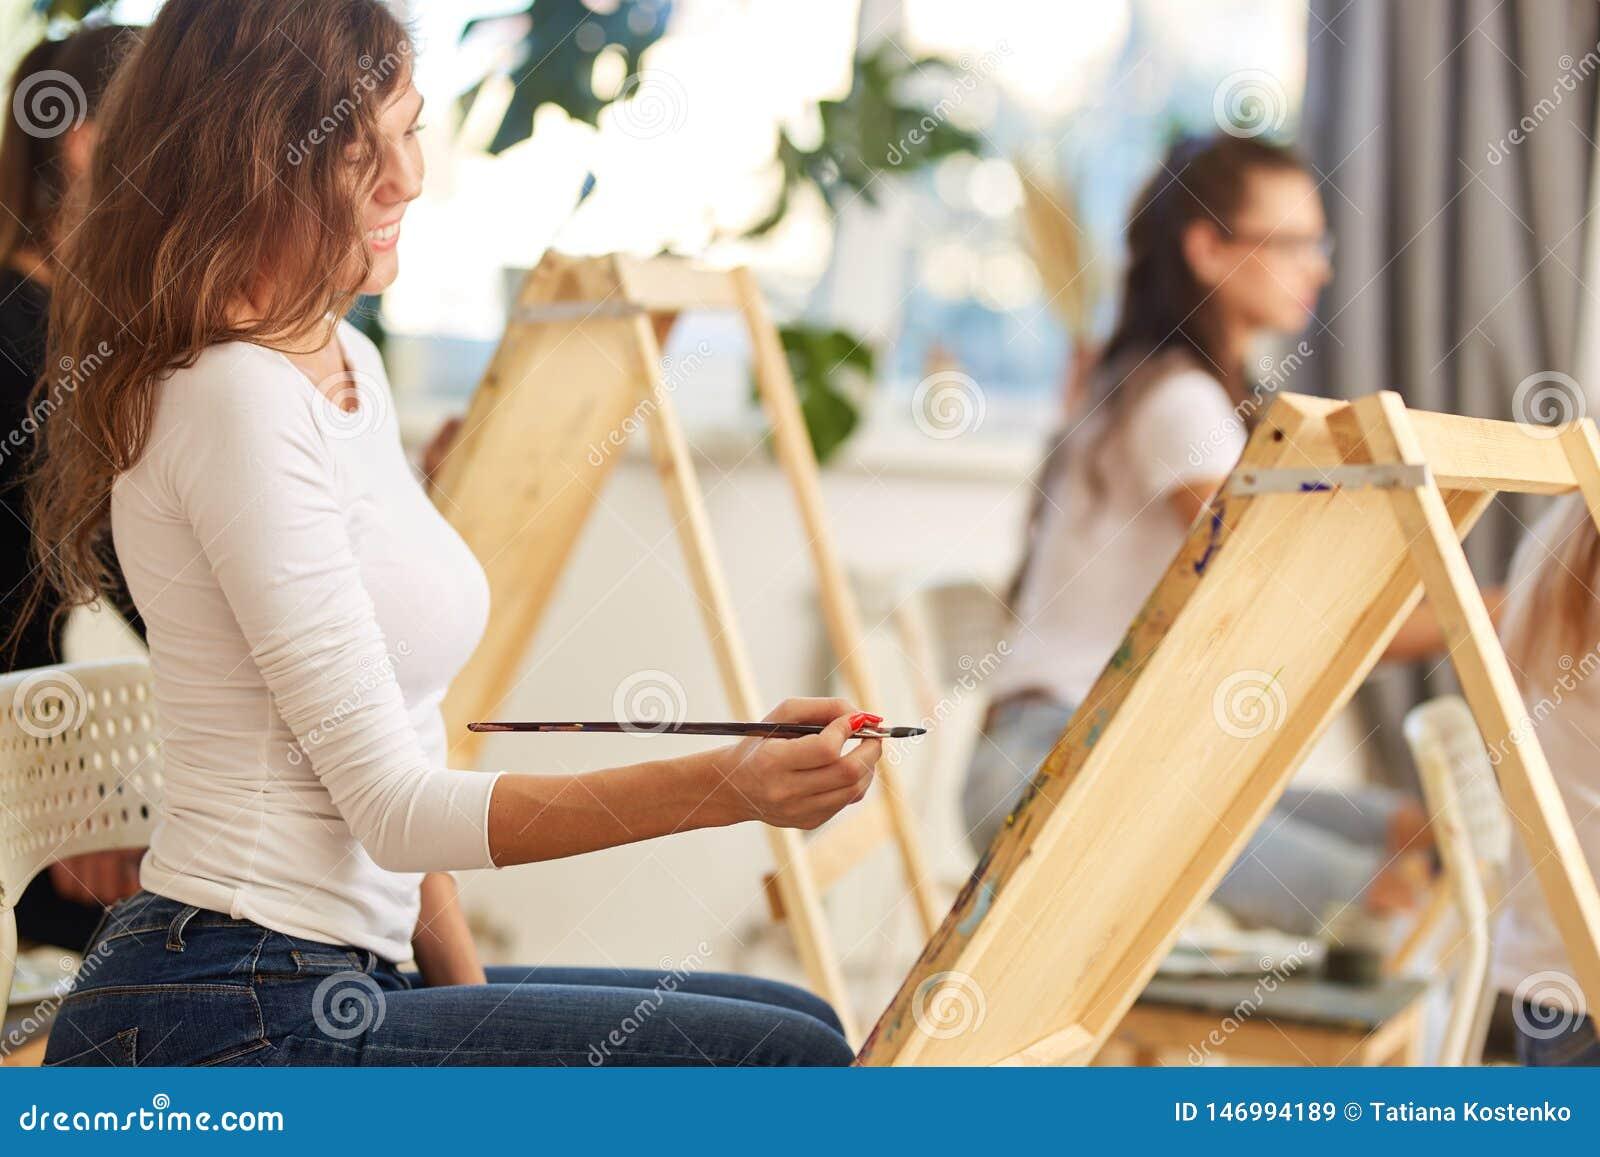 Усмехаясь девушка с коричневым вьющиеся волосы одетым в белой блузке красит изображение на мольберте в рисуя школе